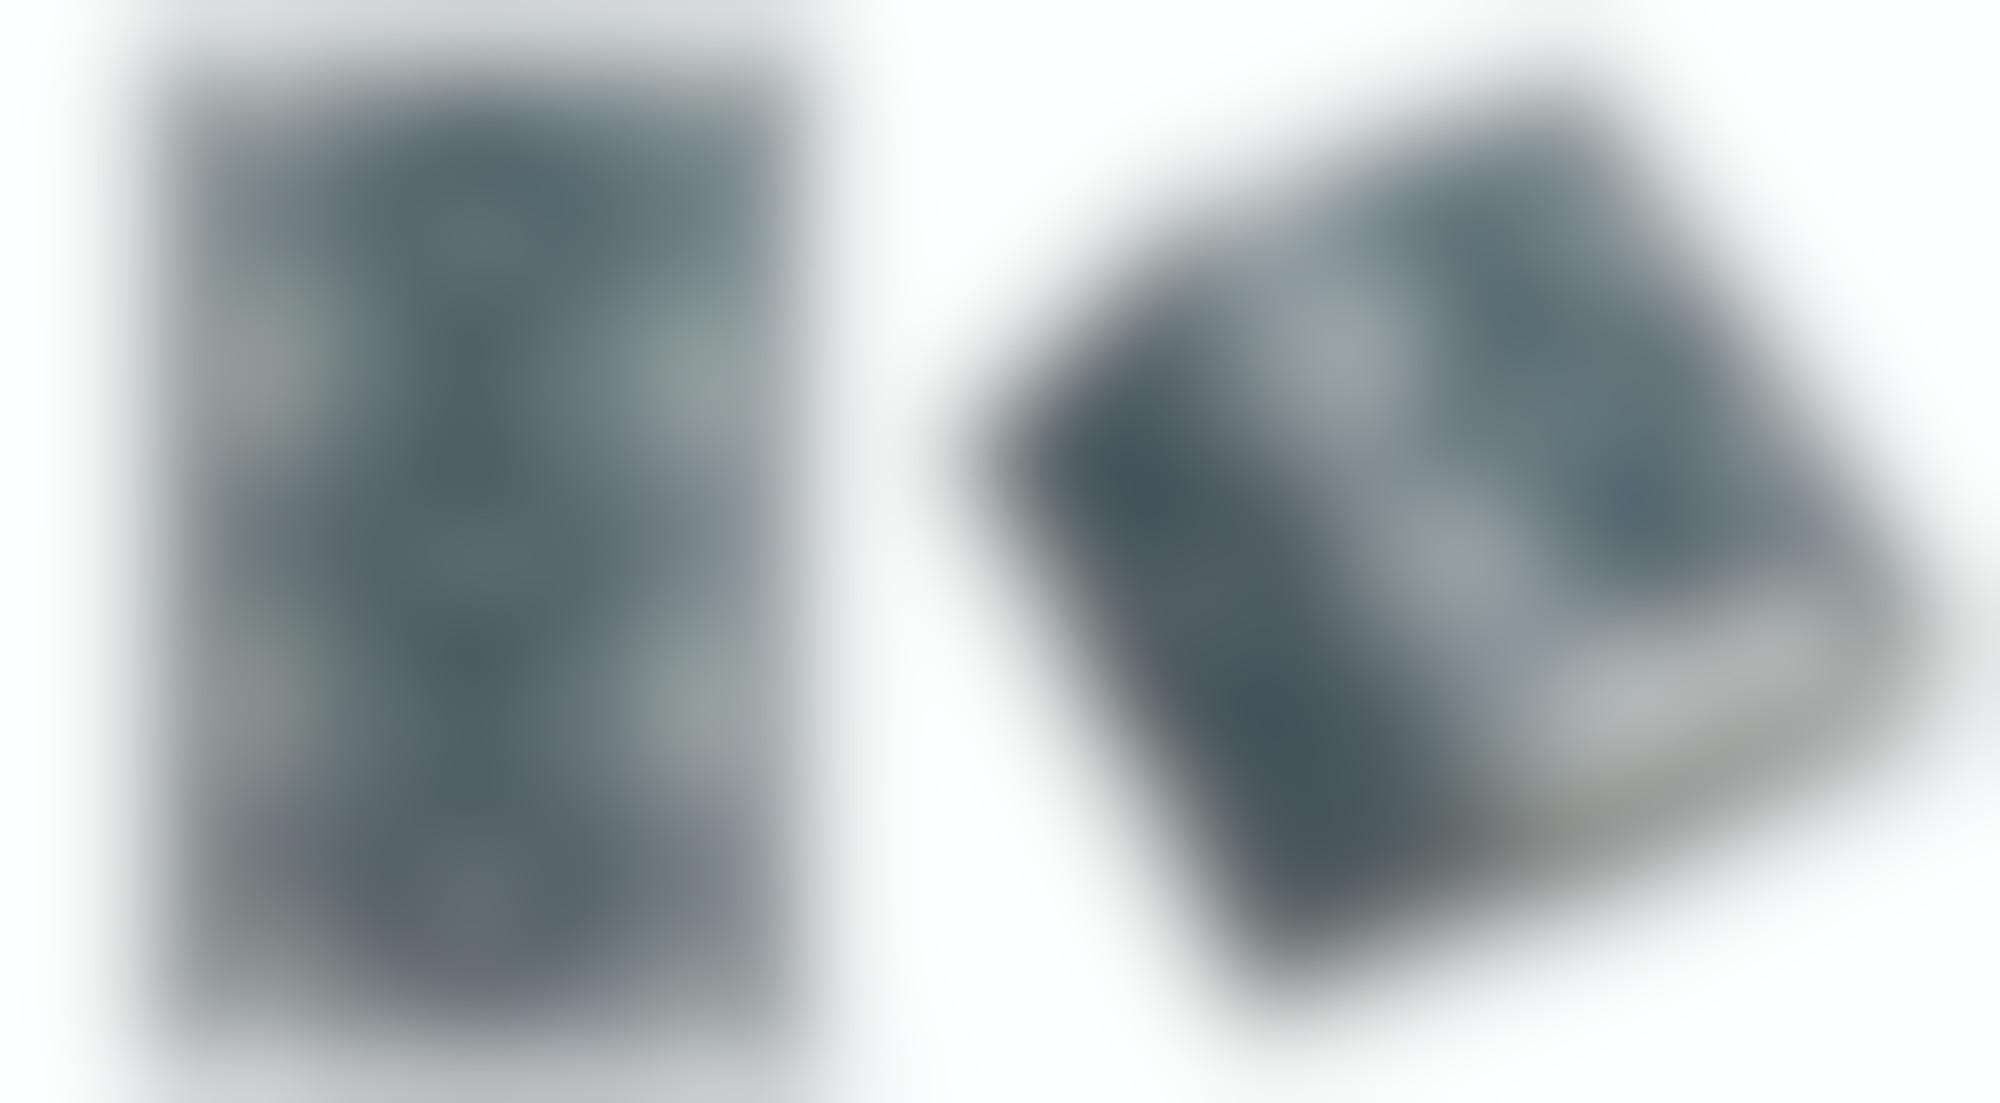 YT11 autocompressfitresizeixlibphp 1 1 0max h2000max w3 D2000q80s1e88b1a85bd0315114108ee316234ec8